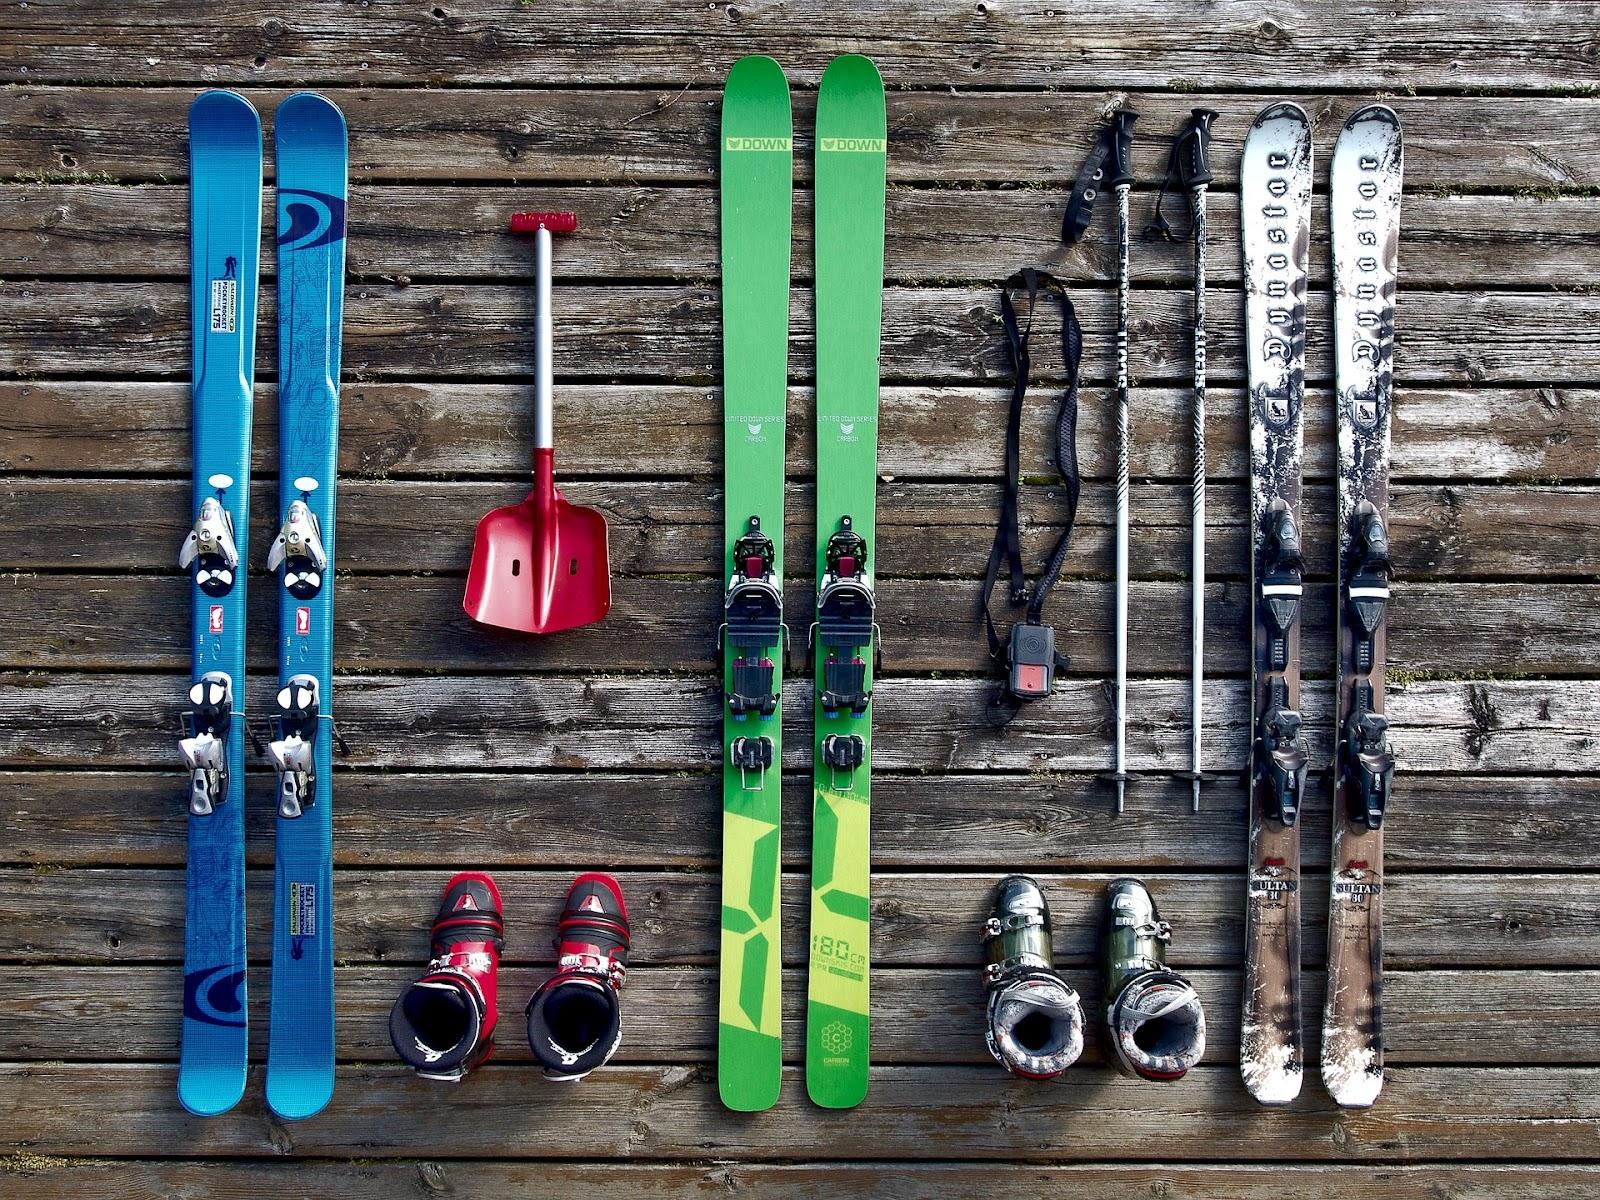 Làm quen với các thiết bị trước khi trượt tuyết